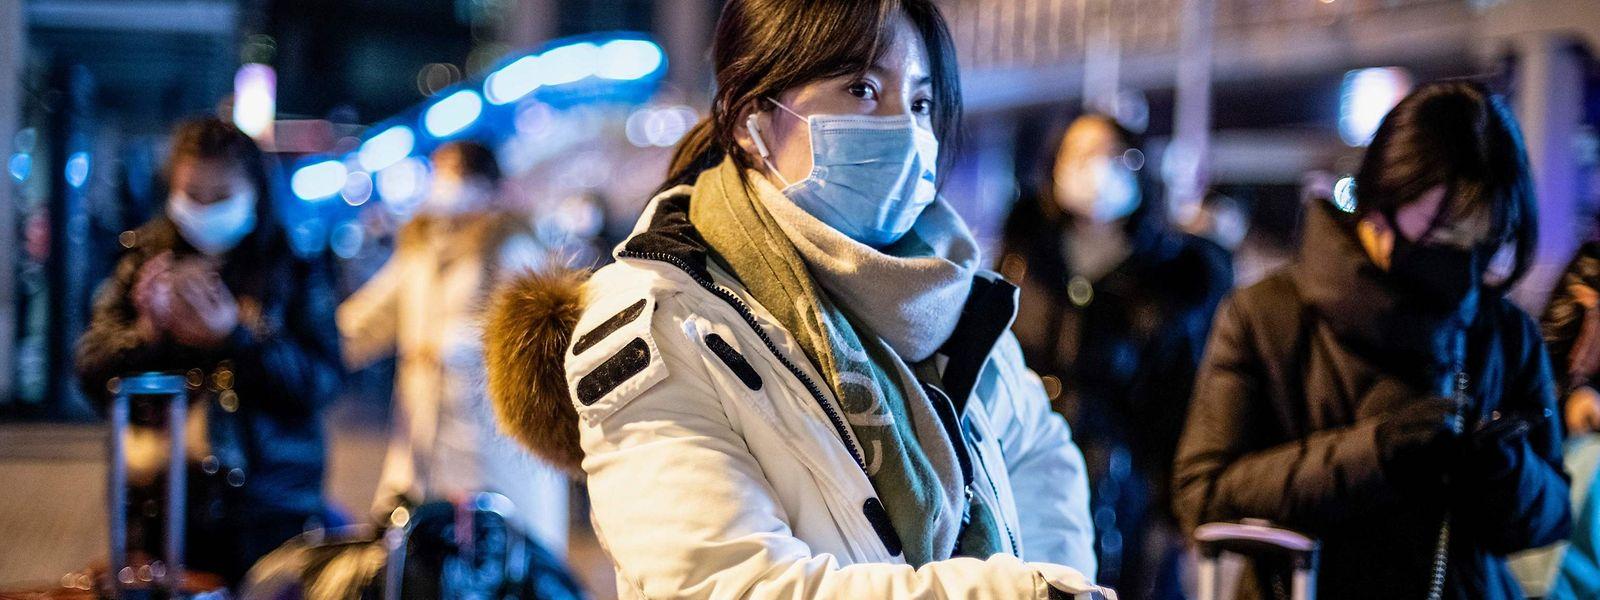 La Chine a fermé plusieurs liaisons de transports publics et fermé des péages d'autoroute pour parer à une pandémie.